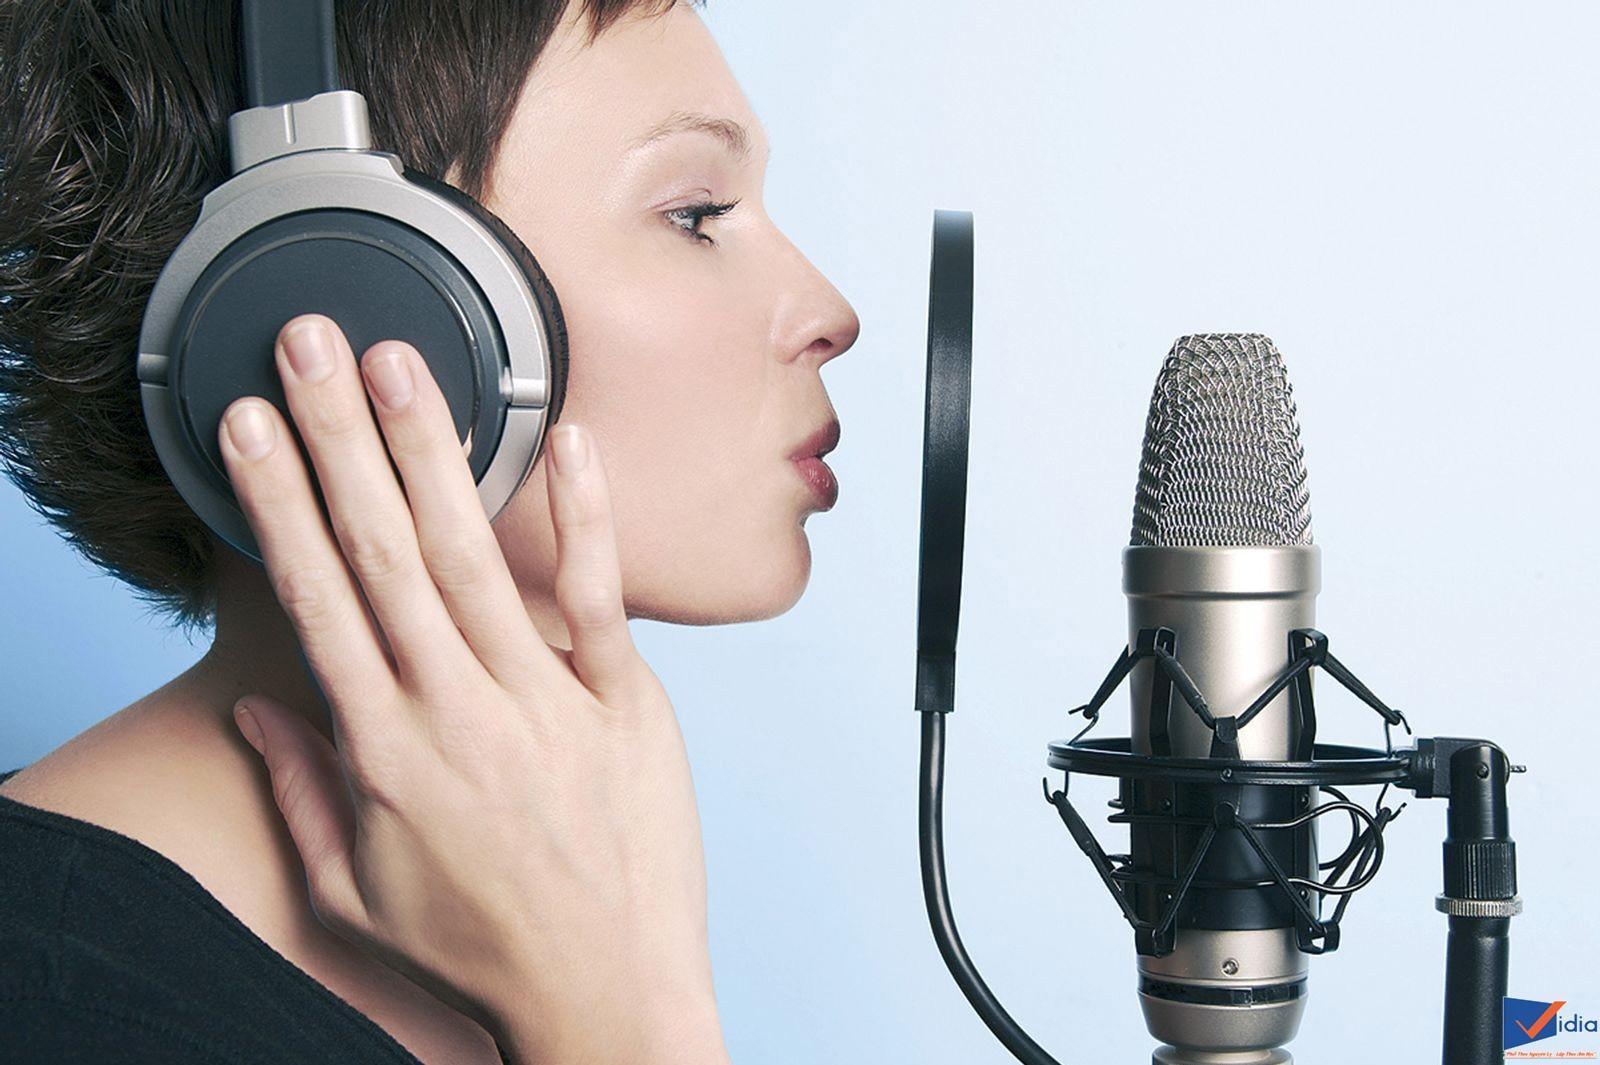 Thu am vs karaoke duc beat music